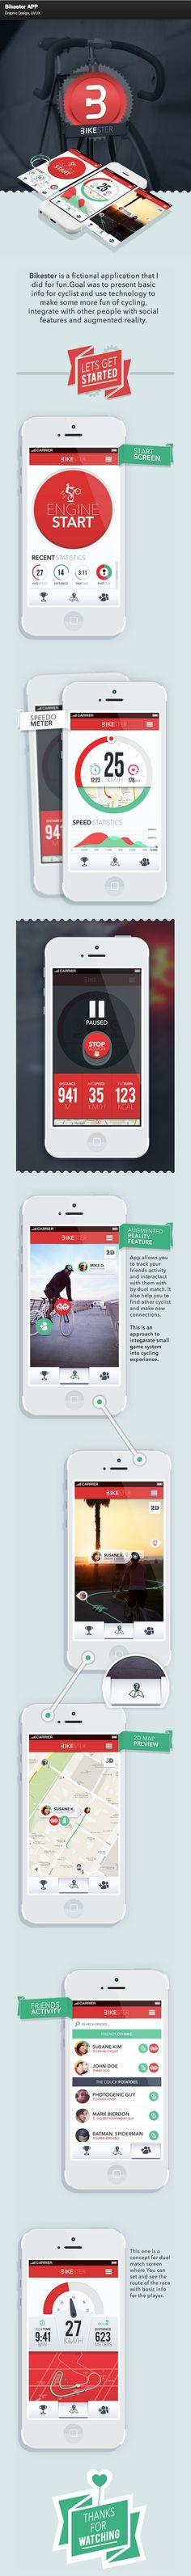 Bikester App